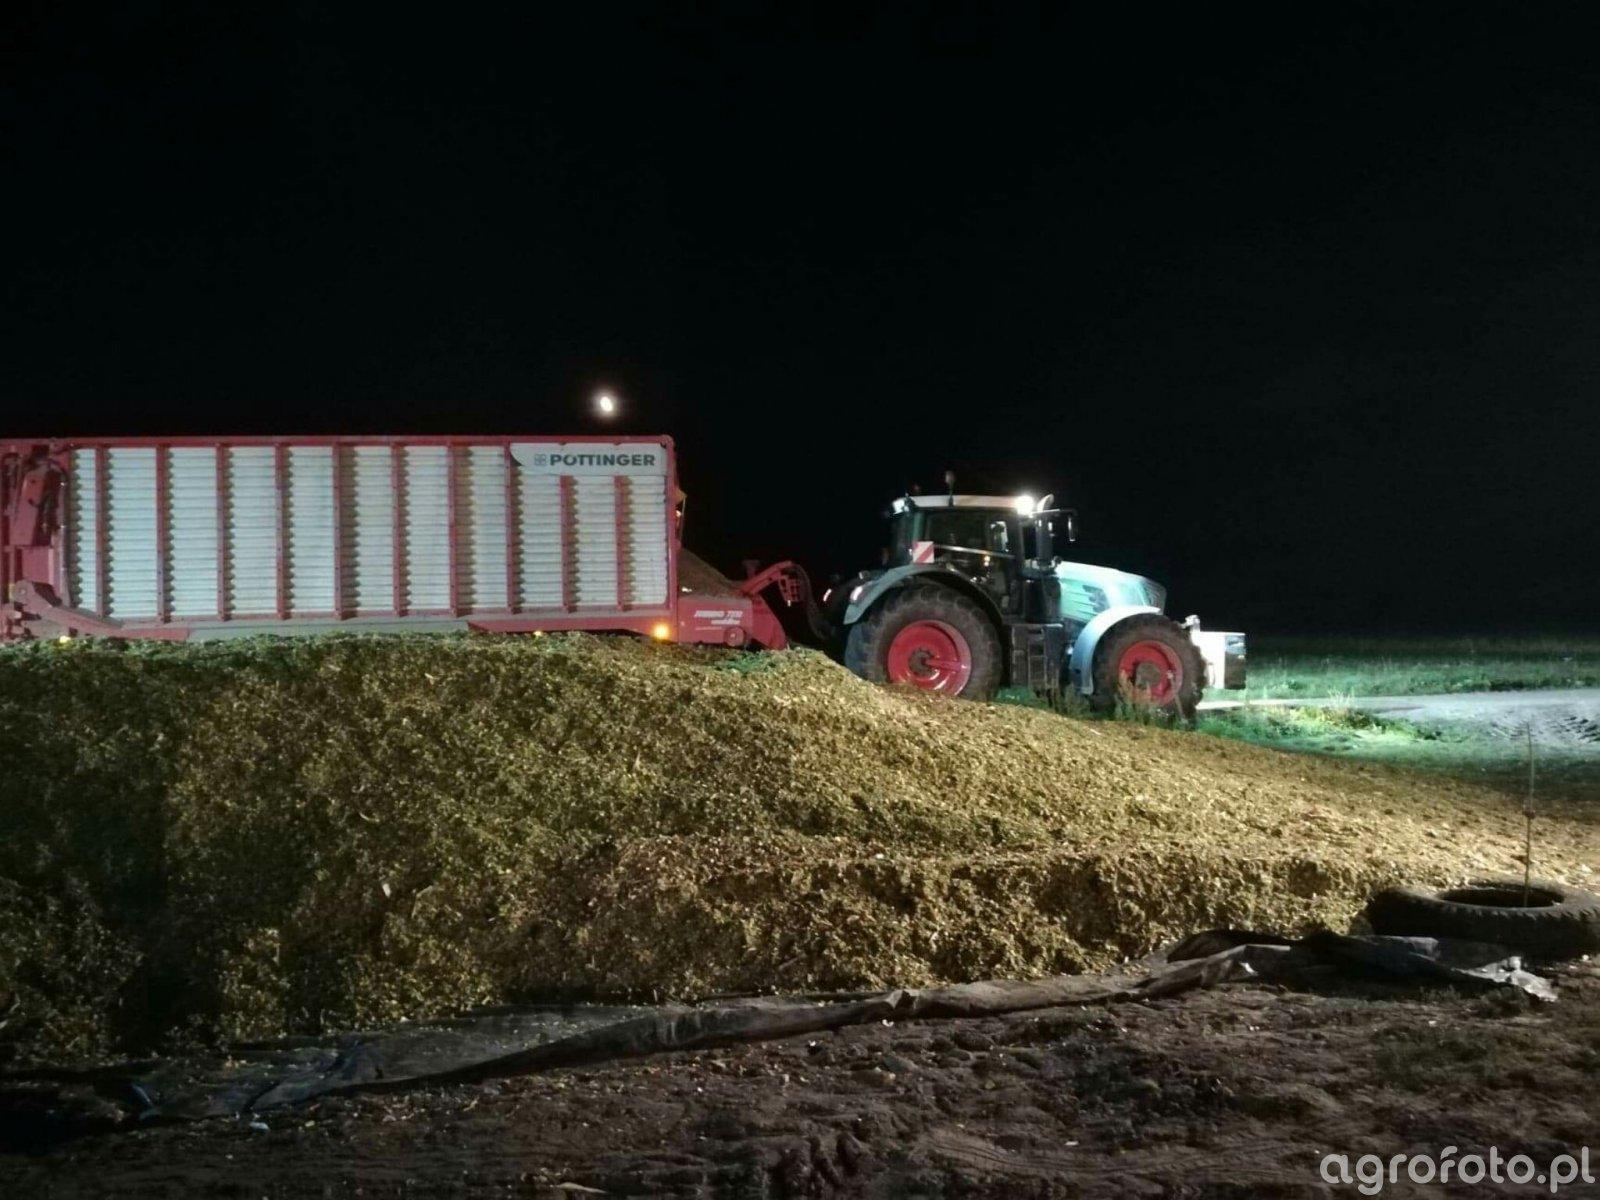 Pryzma kukurydzy 2018